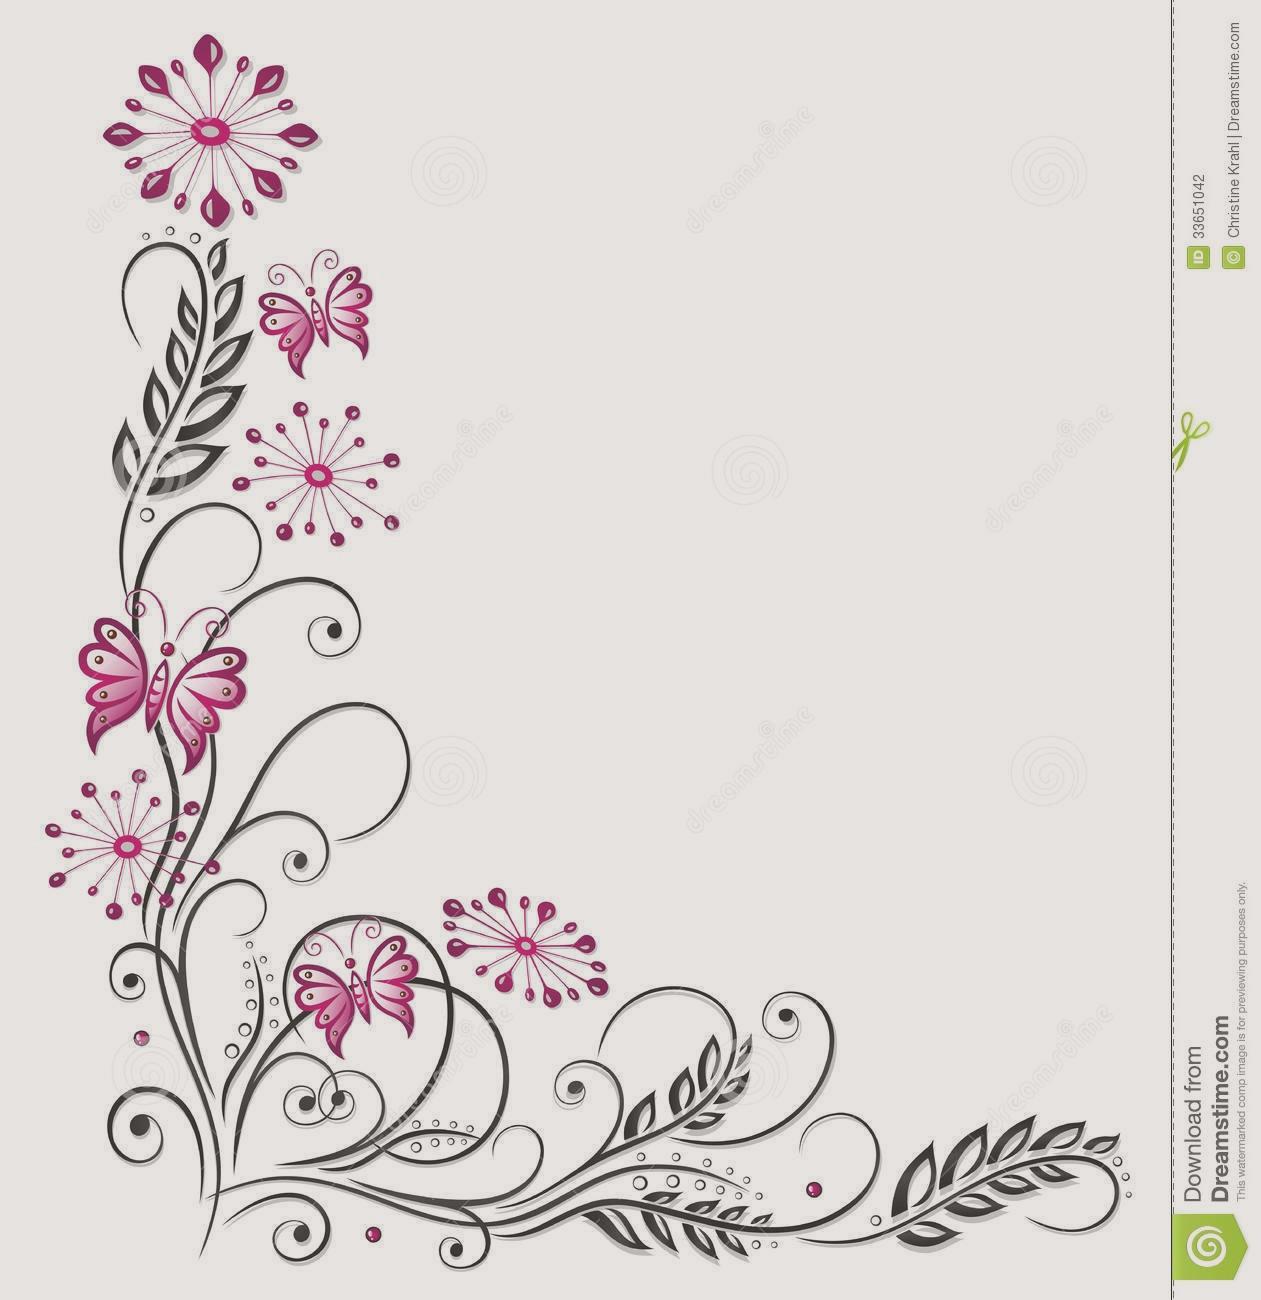 Malvorlagen Blumen Einzigartig Bilder Zum Ausmalen Herzen Mit Rosen Hübsch topmodel O2d5 Das Bild